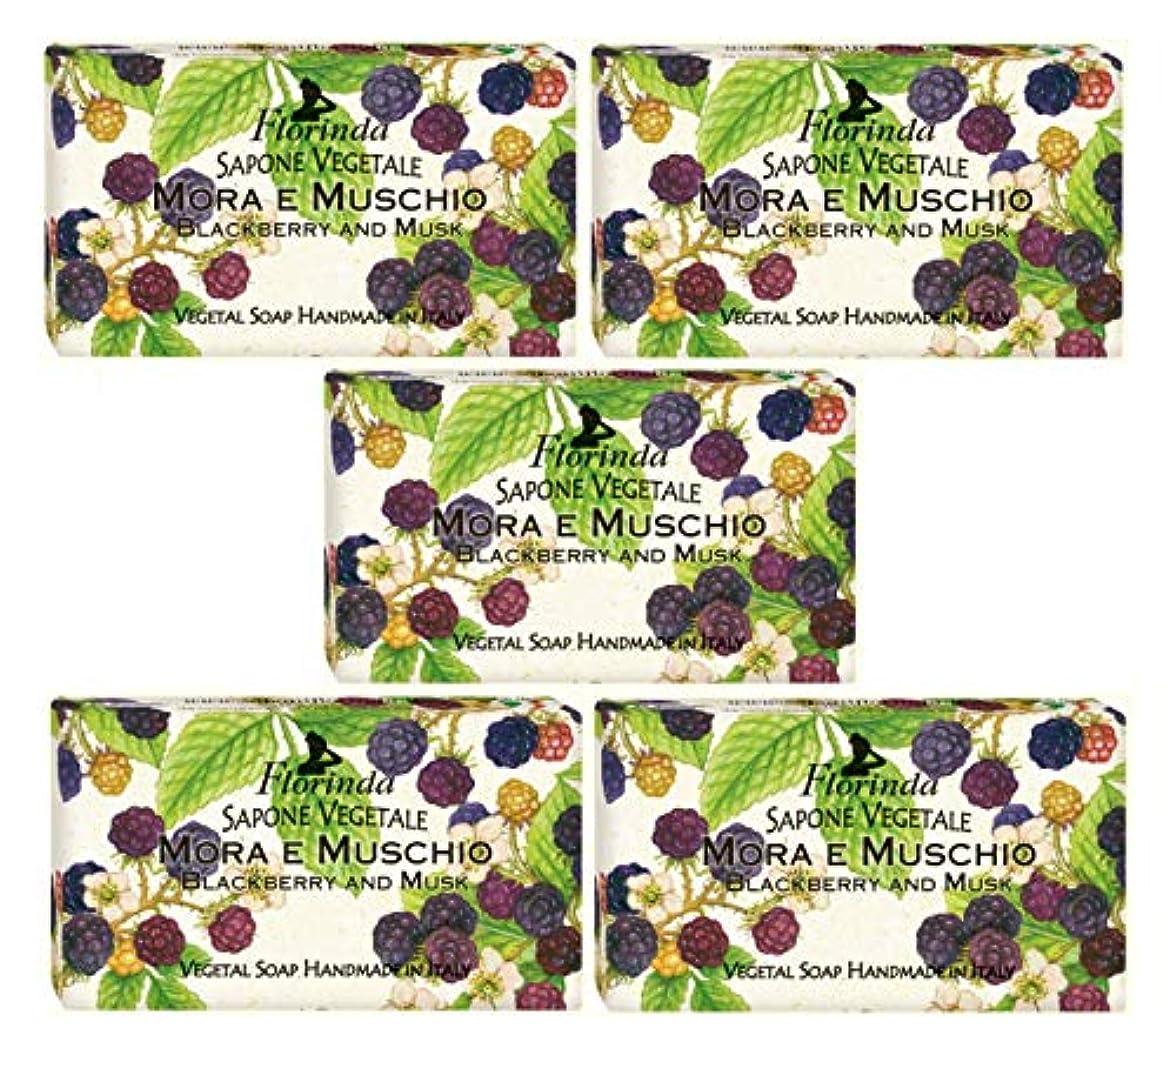 小麦粉テキスト割り当てるフロリンダ フレグランスソープ 固形石けん フルーツの香り ブラックベリー&ムスク 95g×5個セット